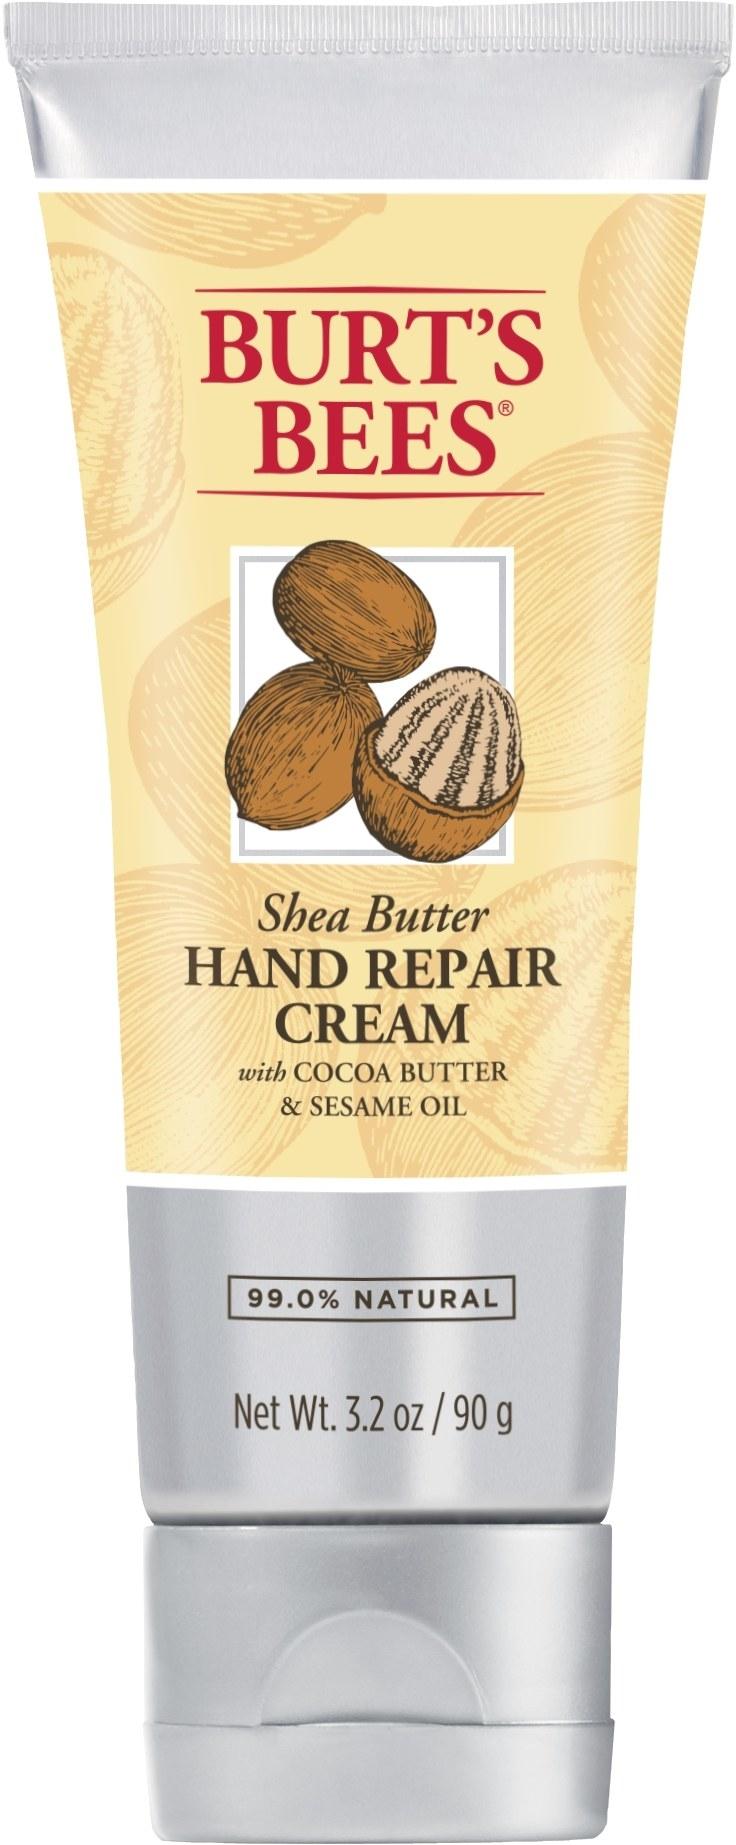 burt bee's hand repair cream